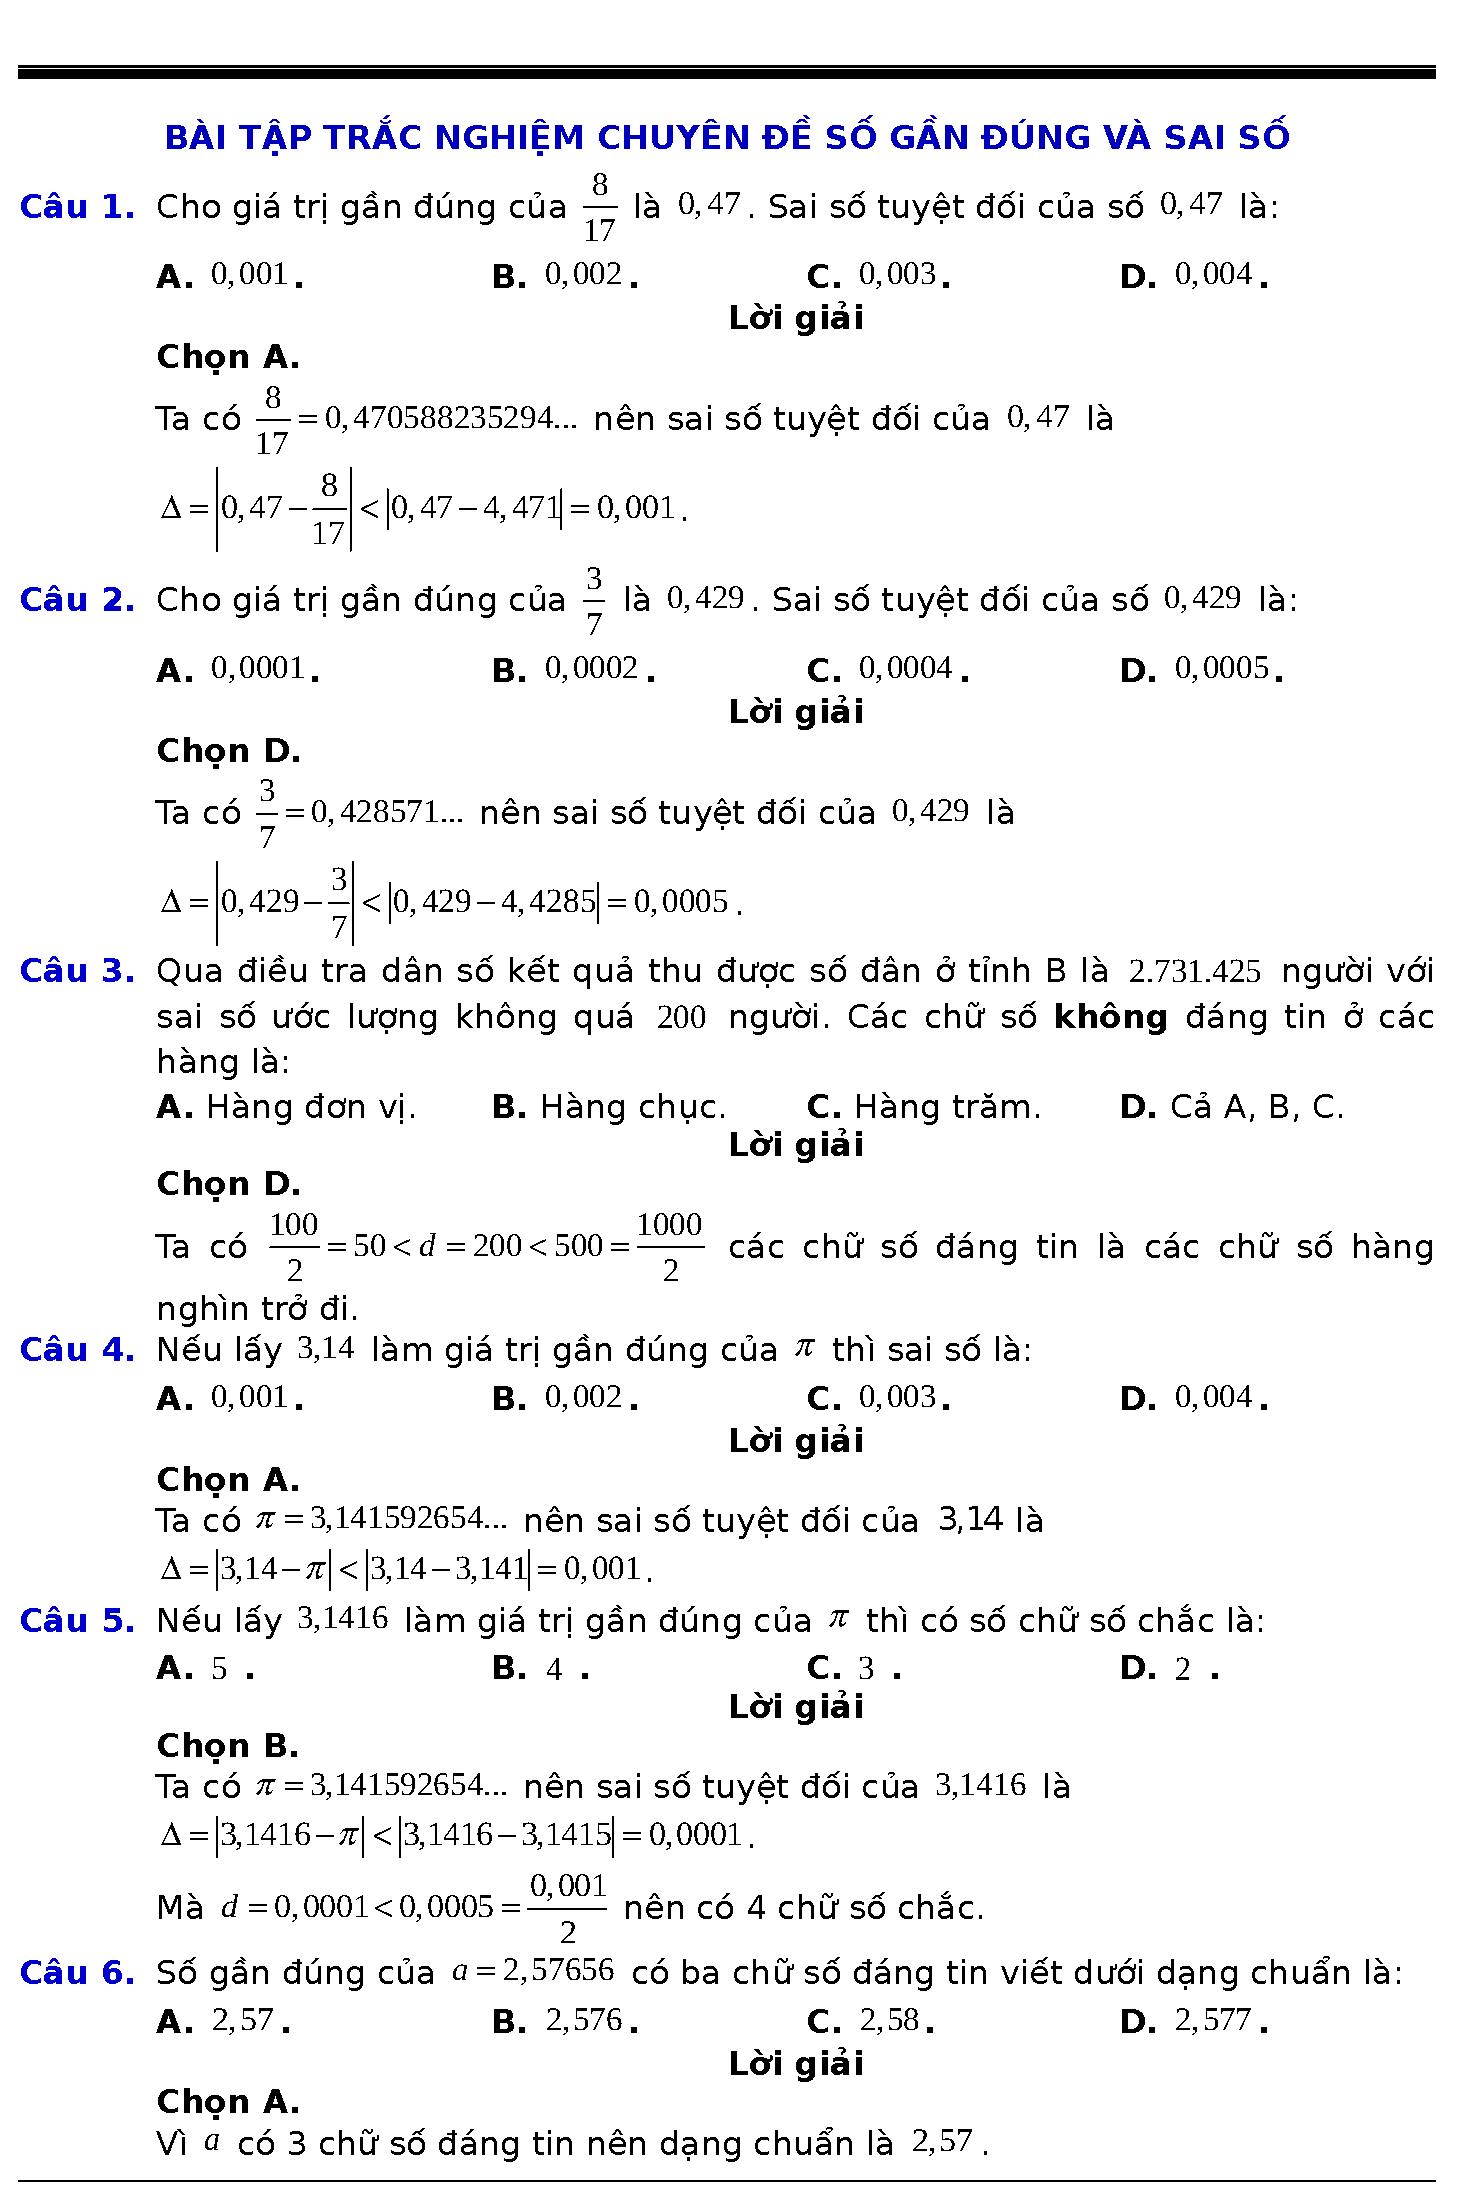 các dạng bài tập về số gần đúng và sai số